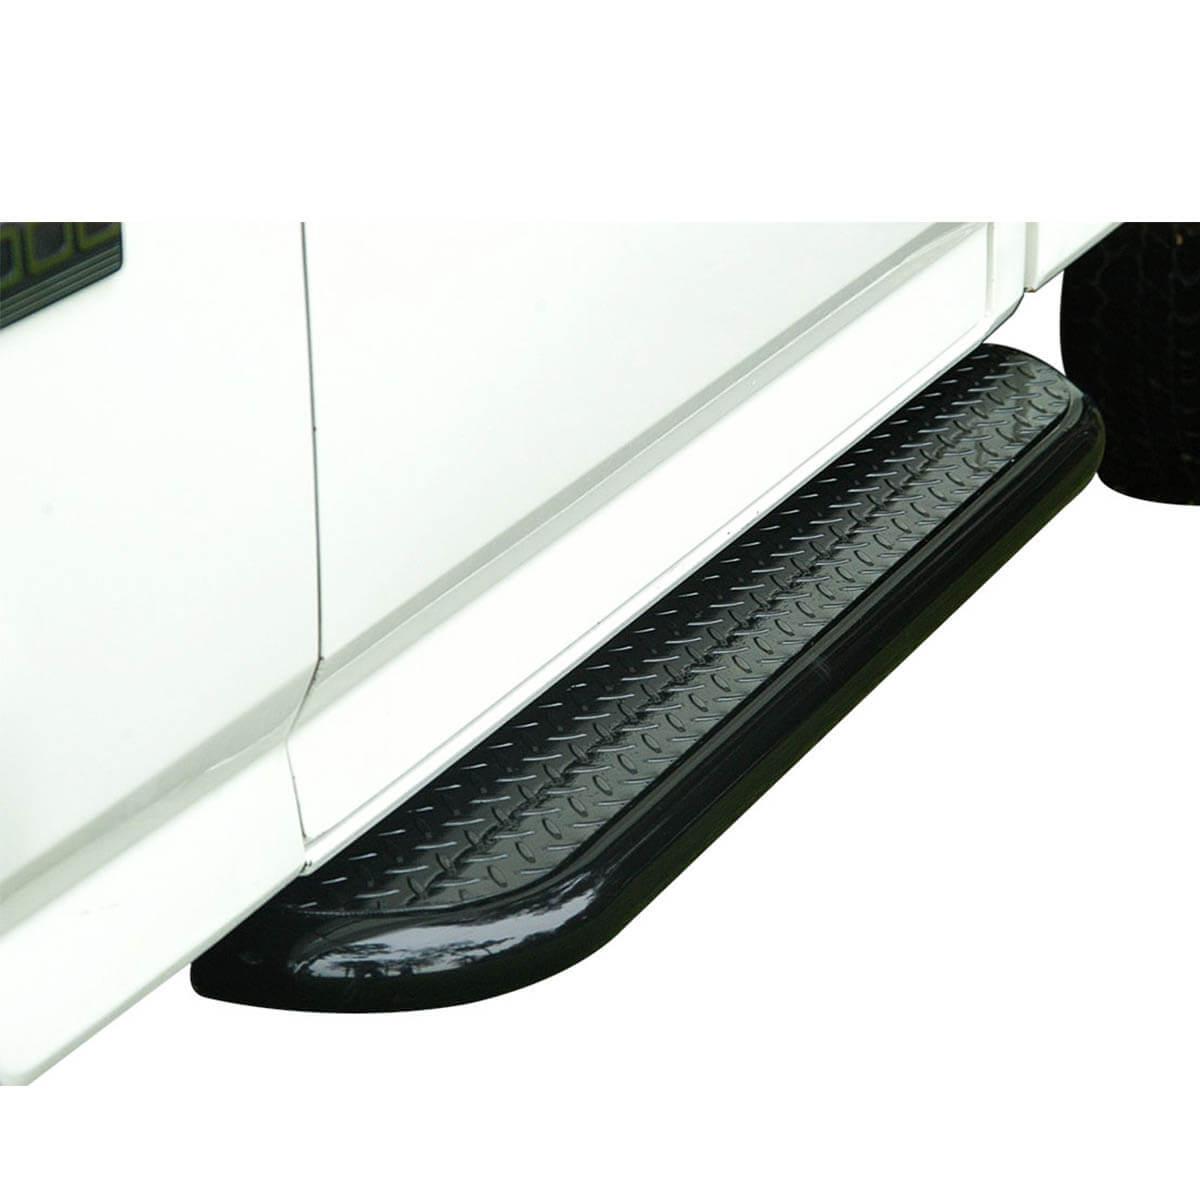 Estribo plataforma preto S10 cabine simples 1995 a 2011